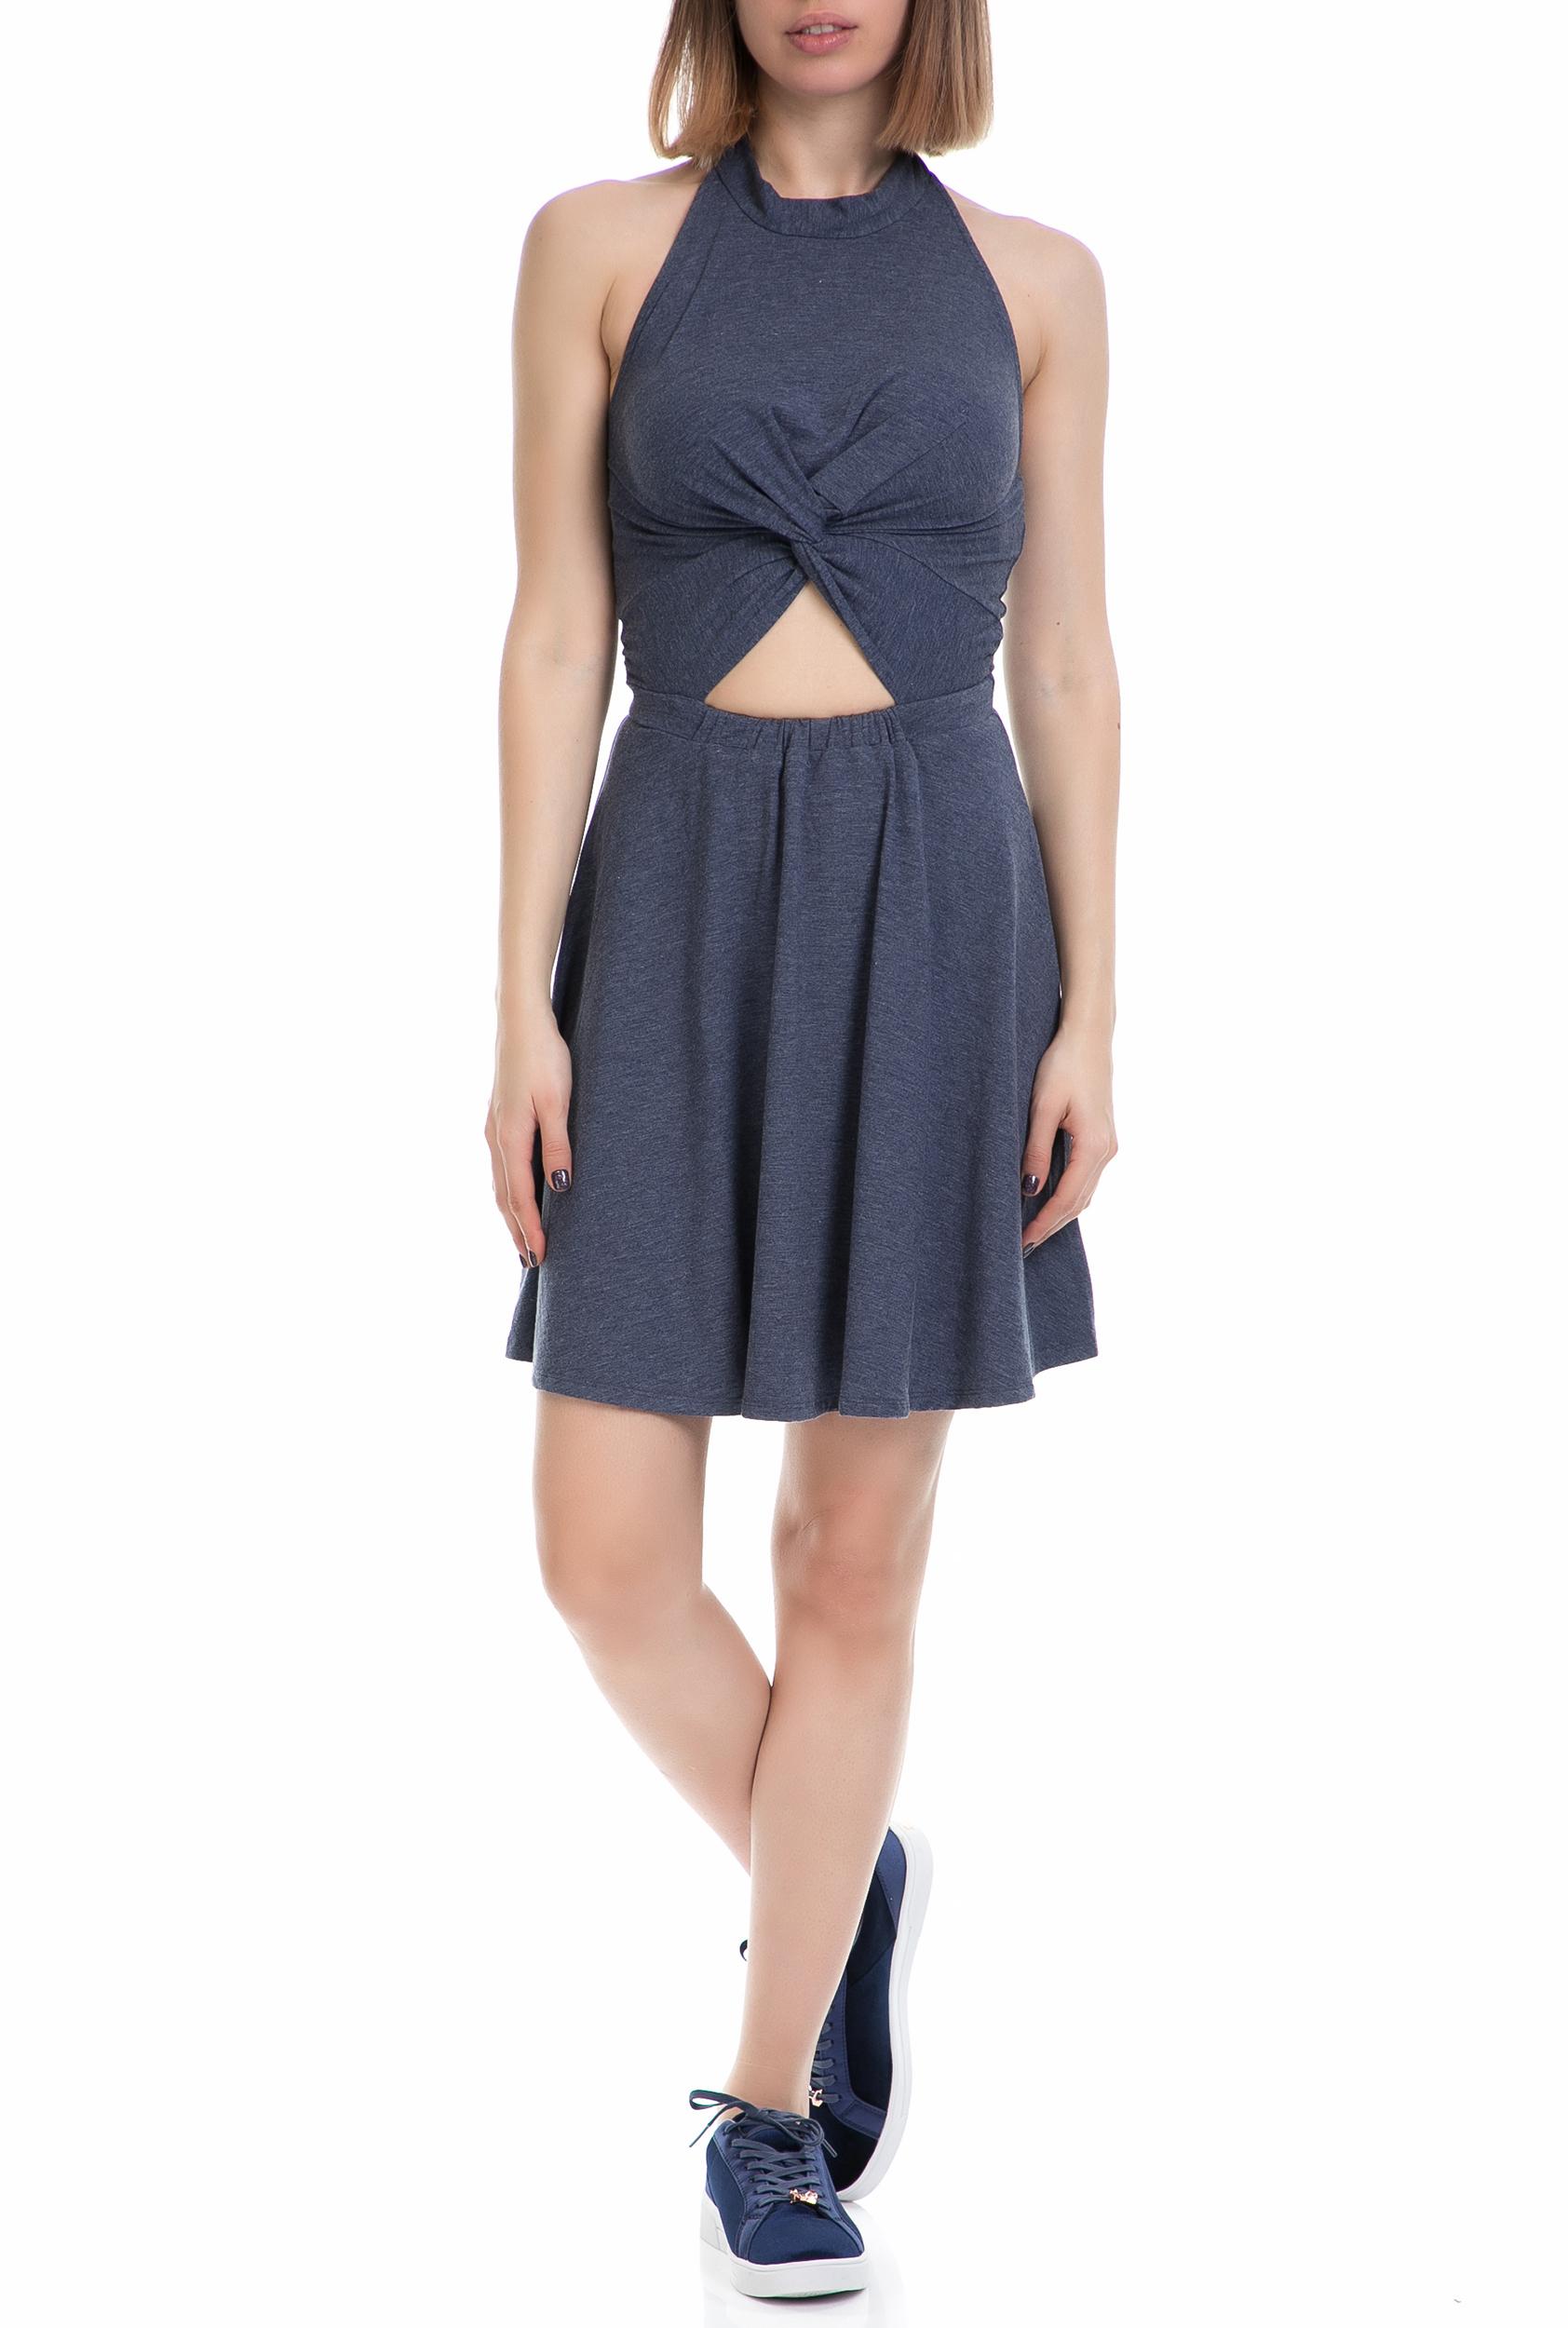 JUICY COUTURE - Γυναικείο φόρεμα CUT OUT JUICY COUTURE μπλε γυναικεία ρούχα φορέματα μίνι